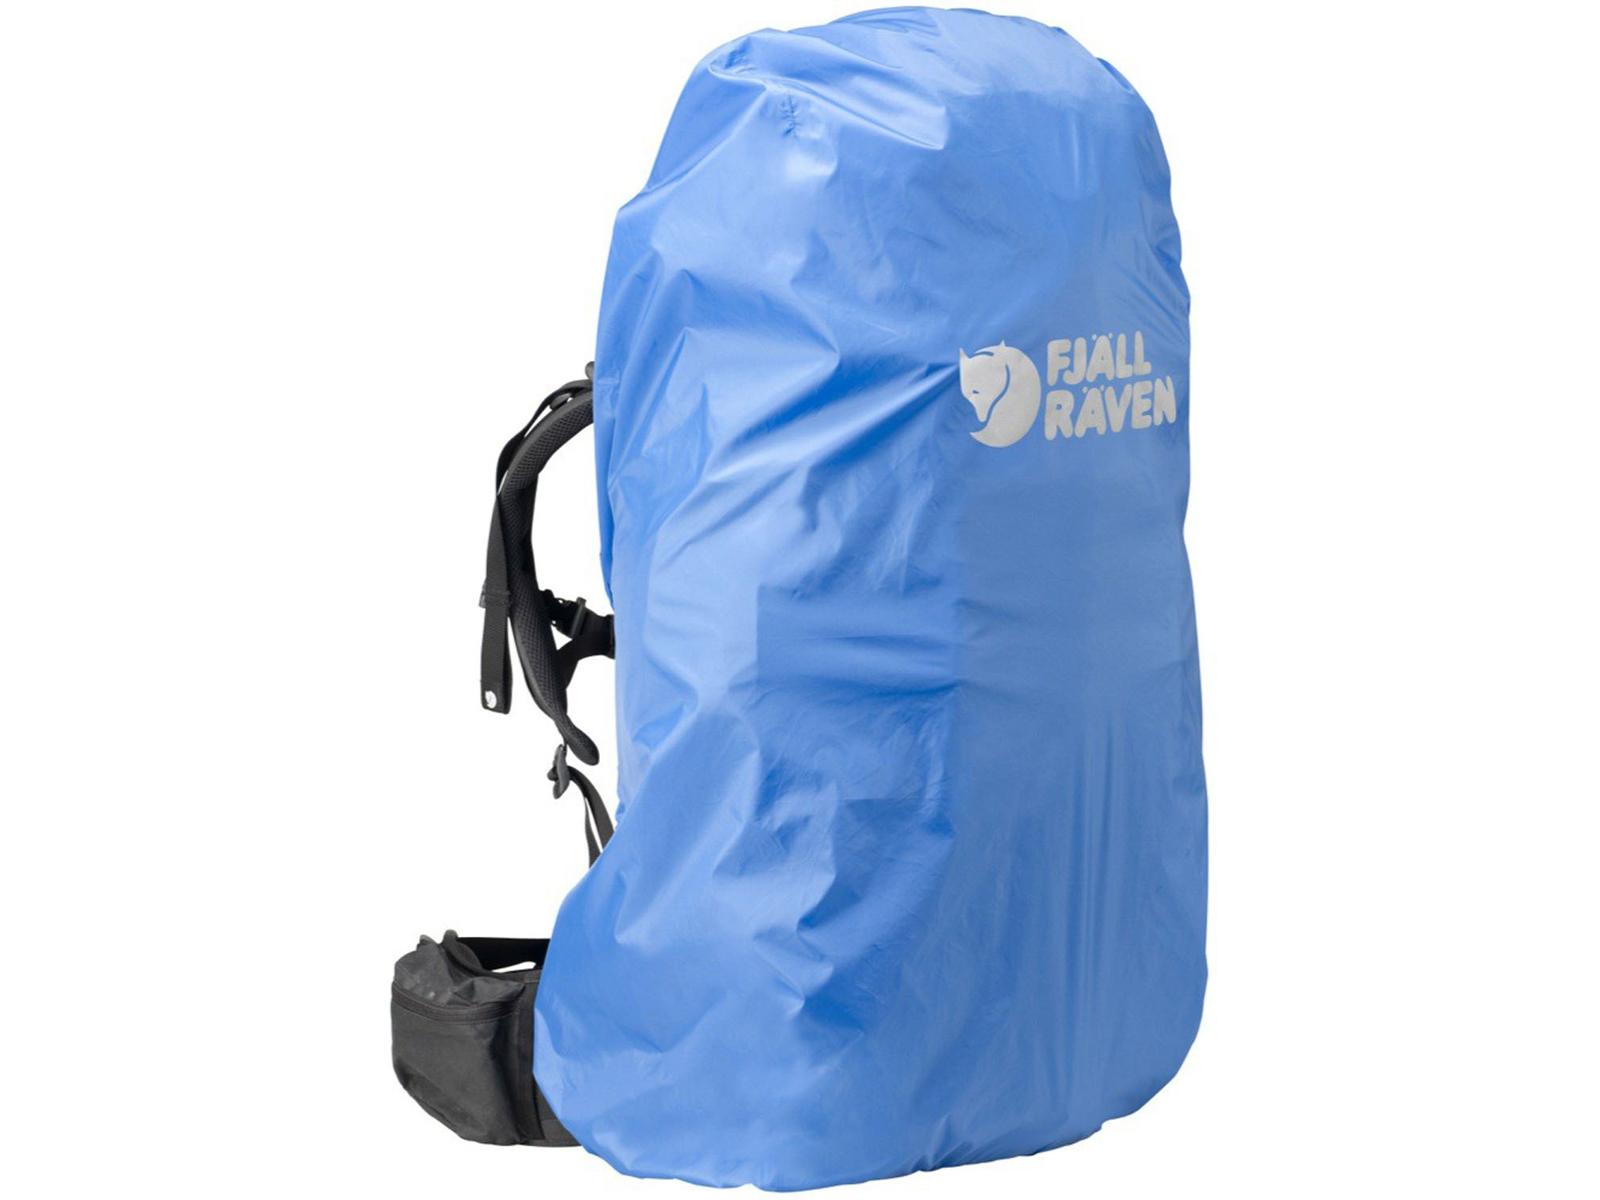 Tilbehør til rygsække og tasker